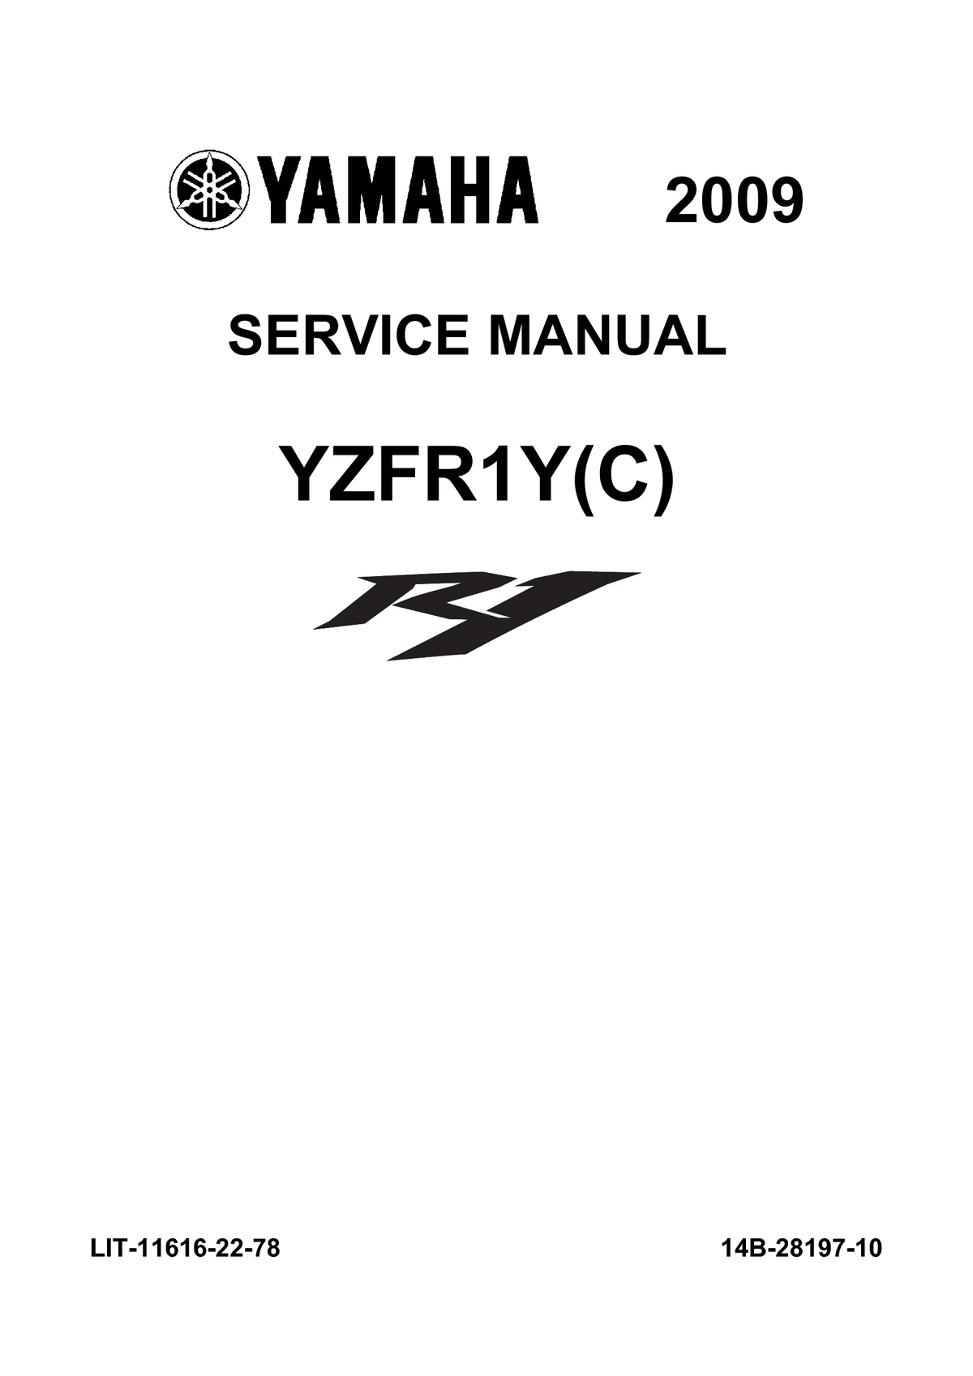 yamaha r1 2009 service manual flat 2009 yamaha r1 wiring diagram 2009 yamaha r1 wiring diagram [ 973 x 1376 Pixel ]